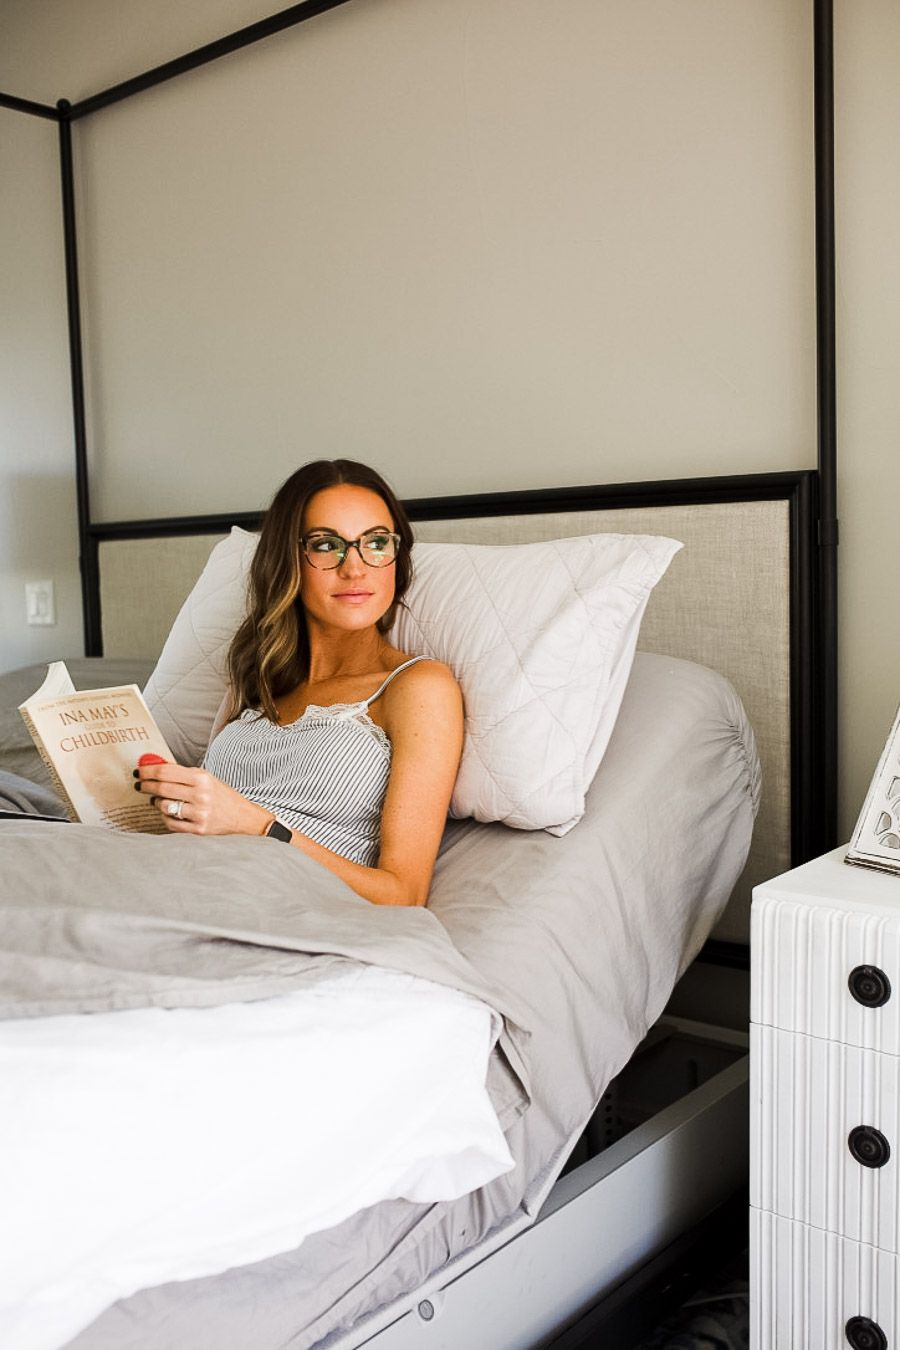 sleep number mattress review Sleep number mattress